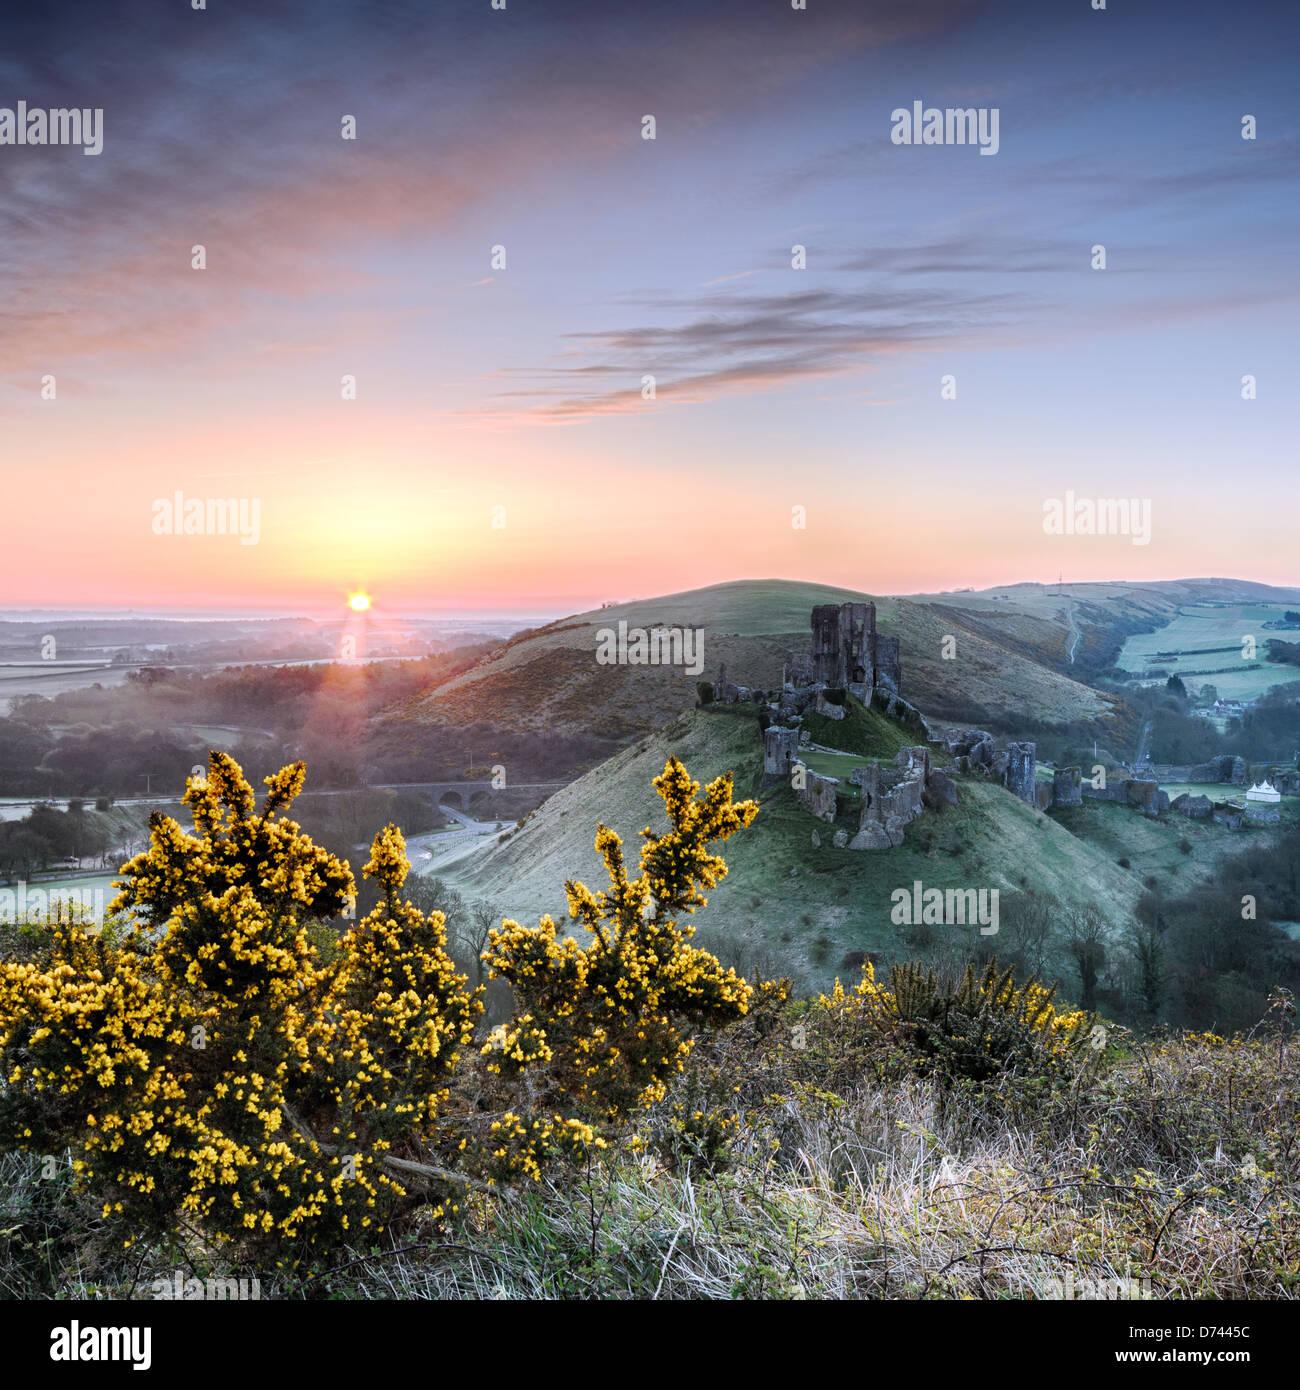 Sonnenaufgang mit Blick auf die Ruinen von Corfe Castle auf der Isle of Purpeck in Dorset. Stockfoto